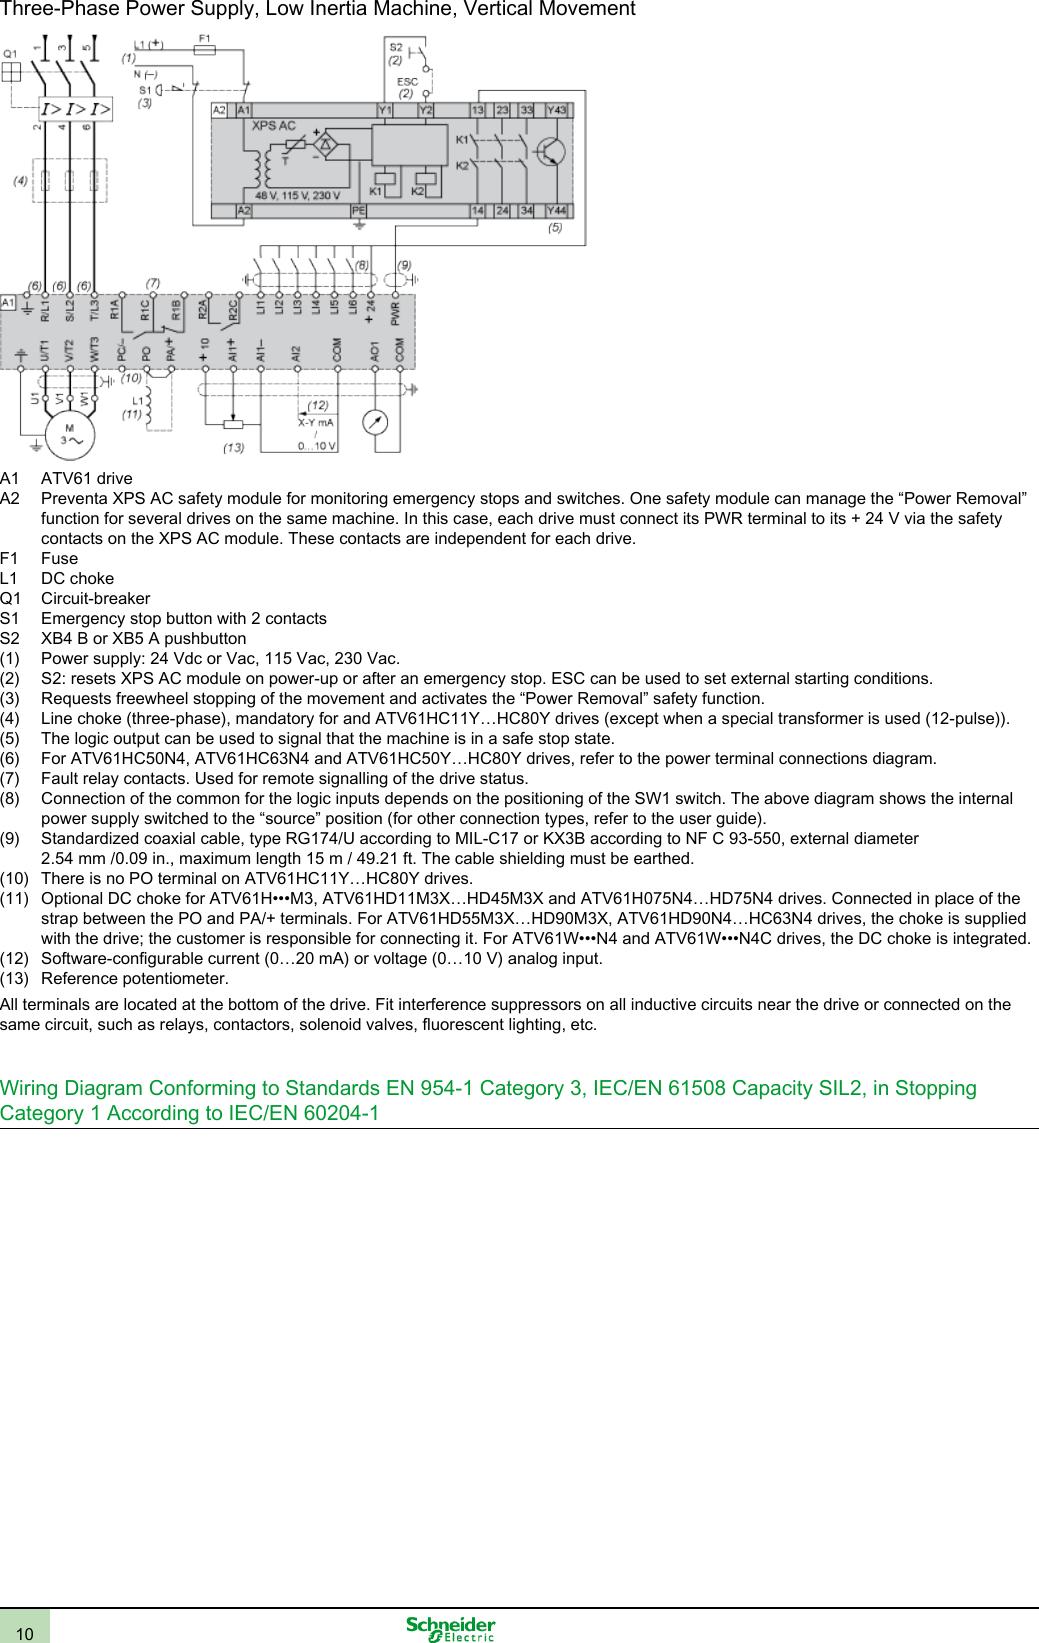 Altivar 61 Atv61hd45n4 Control Wiring Diagram Page 10 Of 12